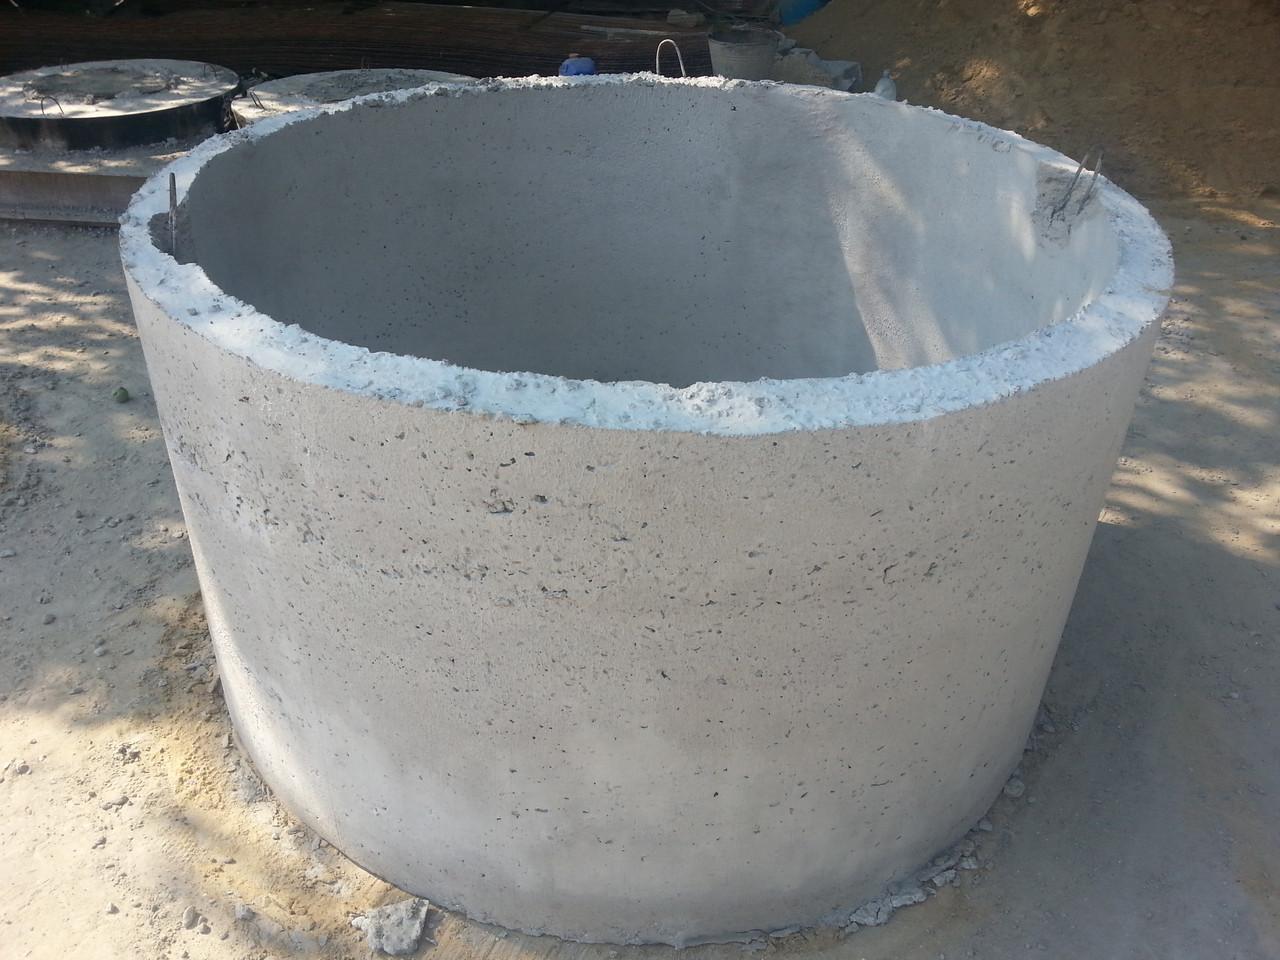 Кольца диаметр 1000 для колодцев и канализации; железобетонные кольца в Одессе